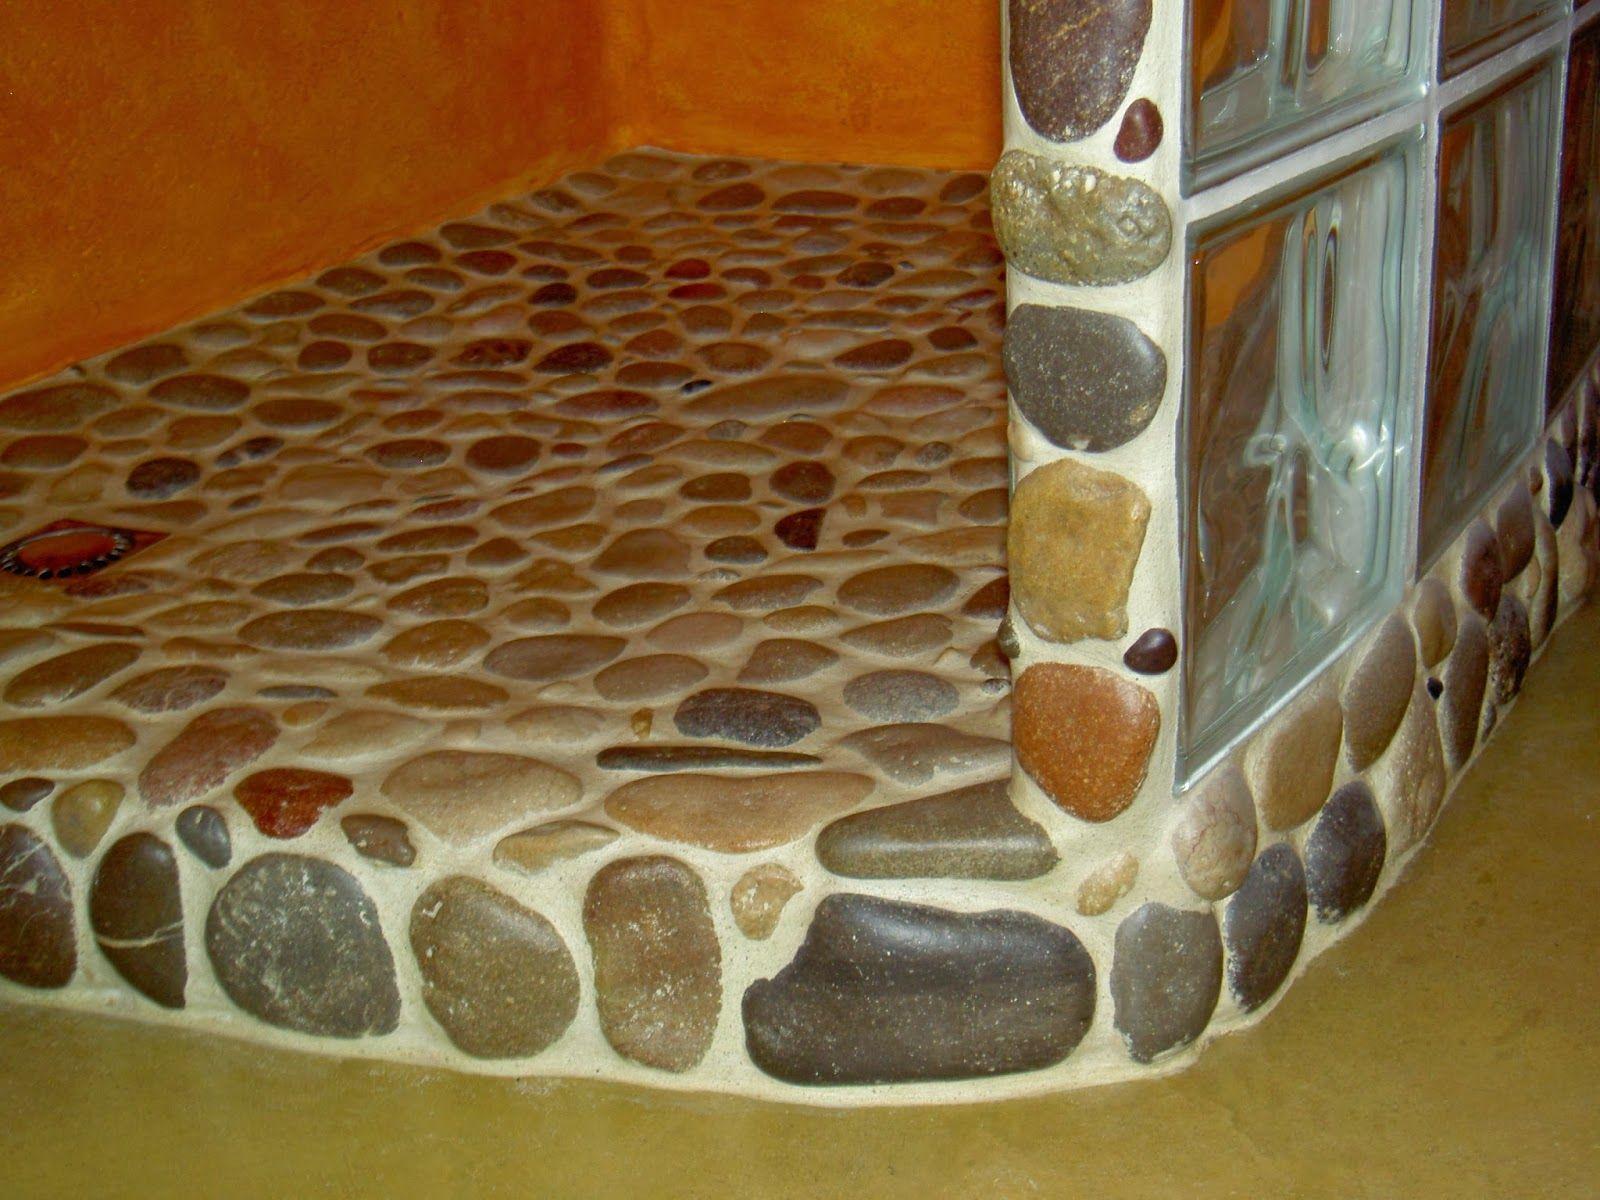 Ducha de piedras bibloqueta pinterest ducha de for Duchas rusticas piedra